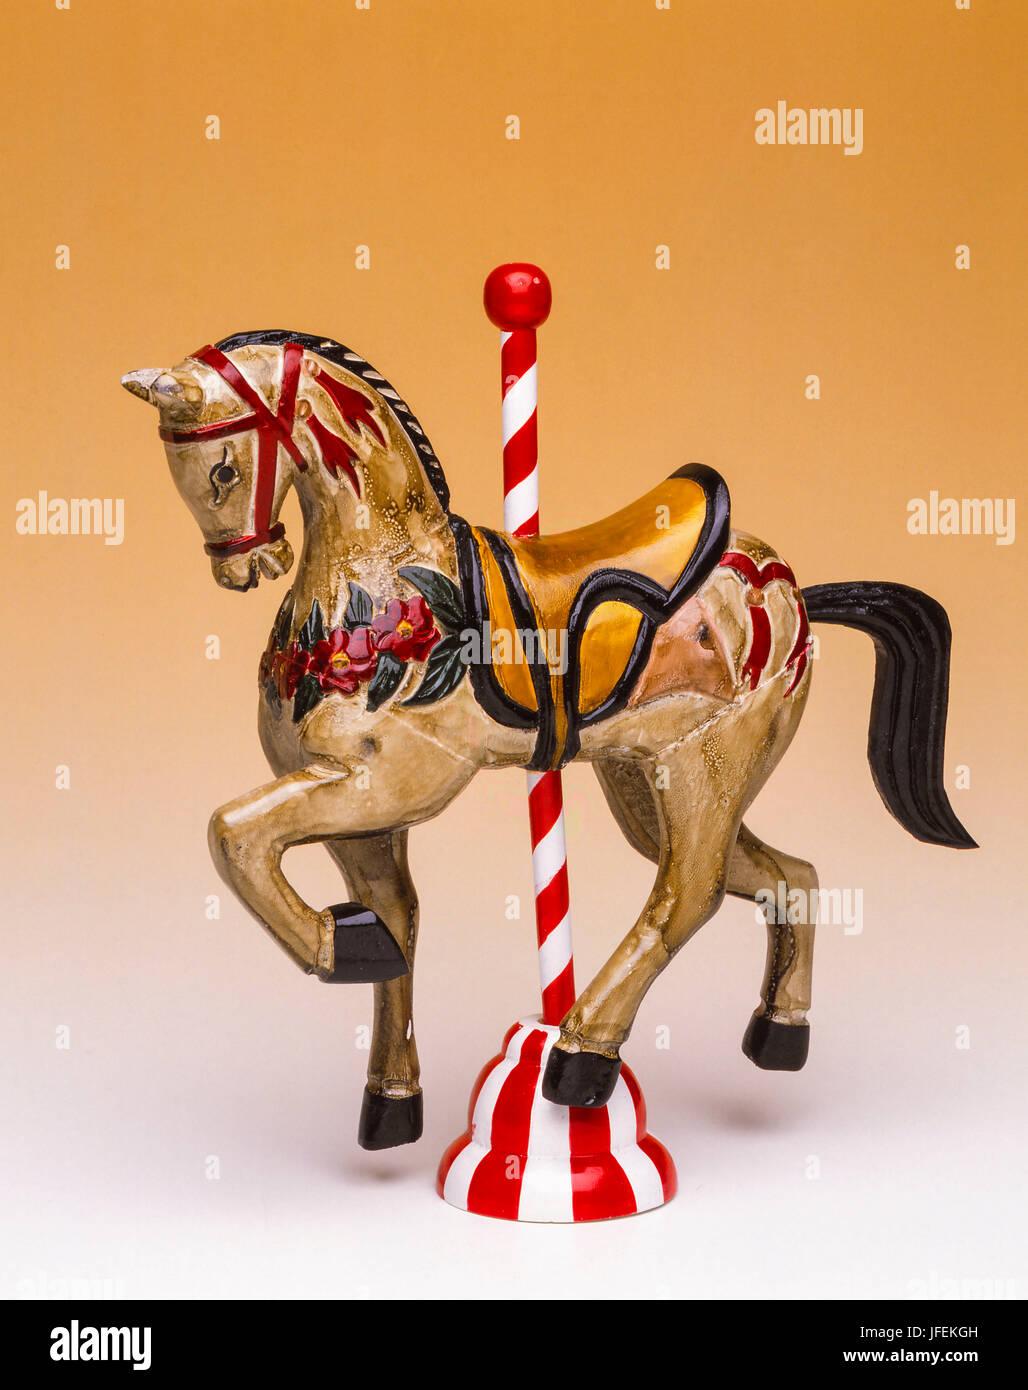 Cavallo Di Legno Giocattolo.Giostra Del Cavallo Di Legno Giocattoli Foto Immagine